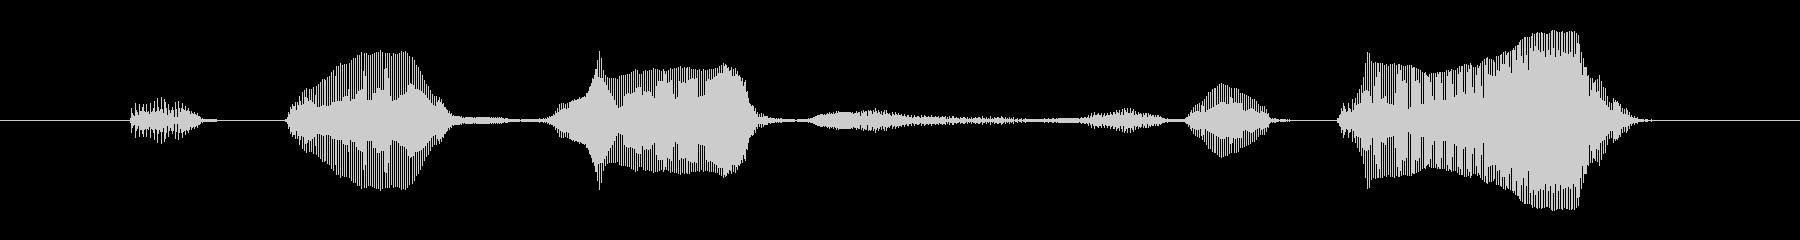 お誕生日おめでとう's unreproduced waveform